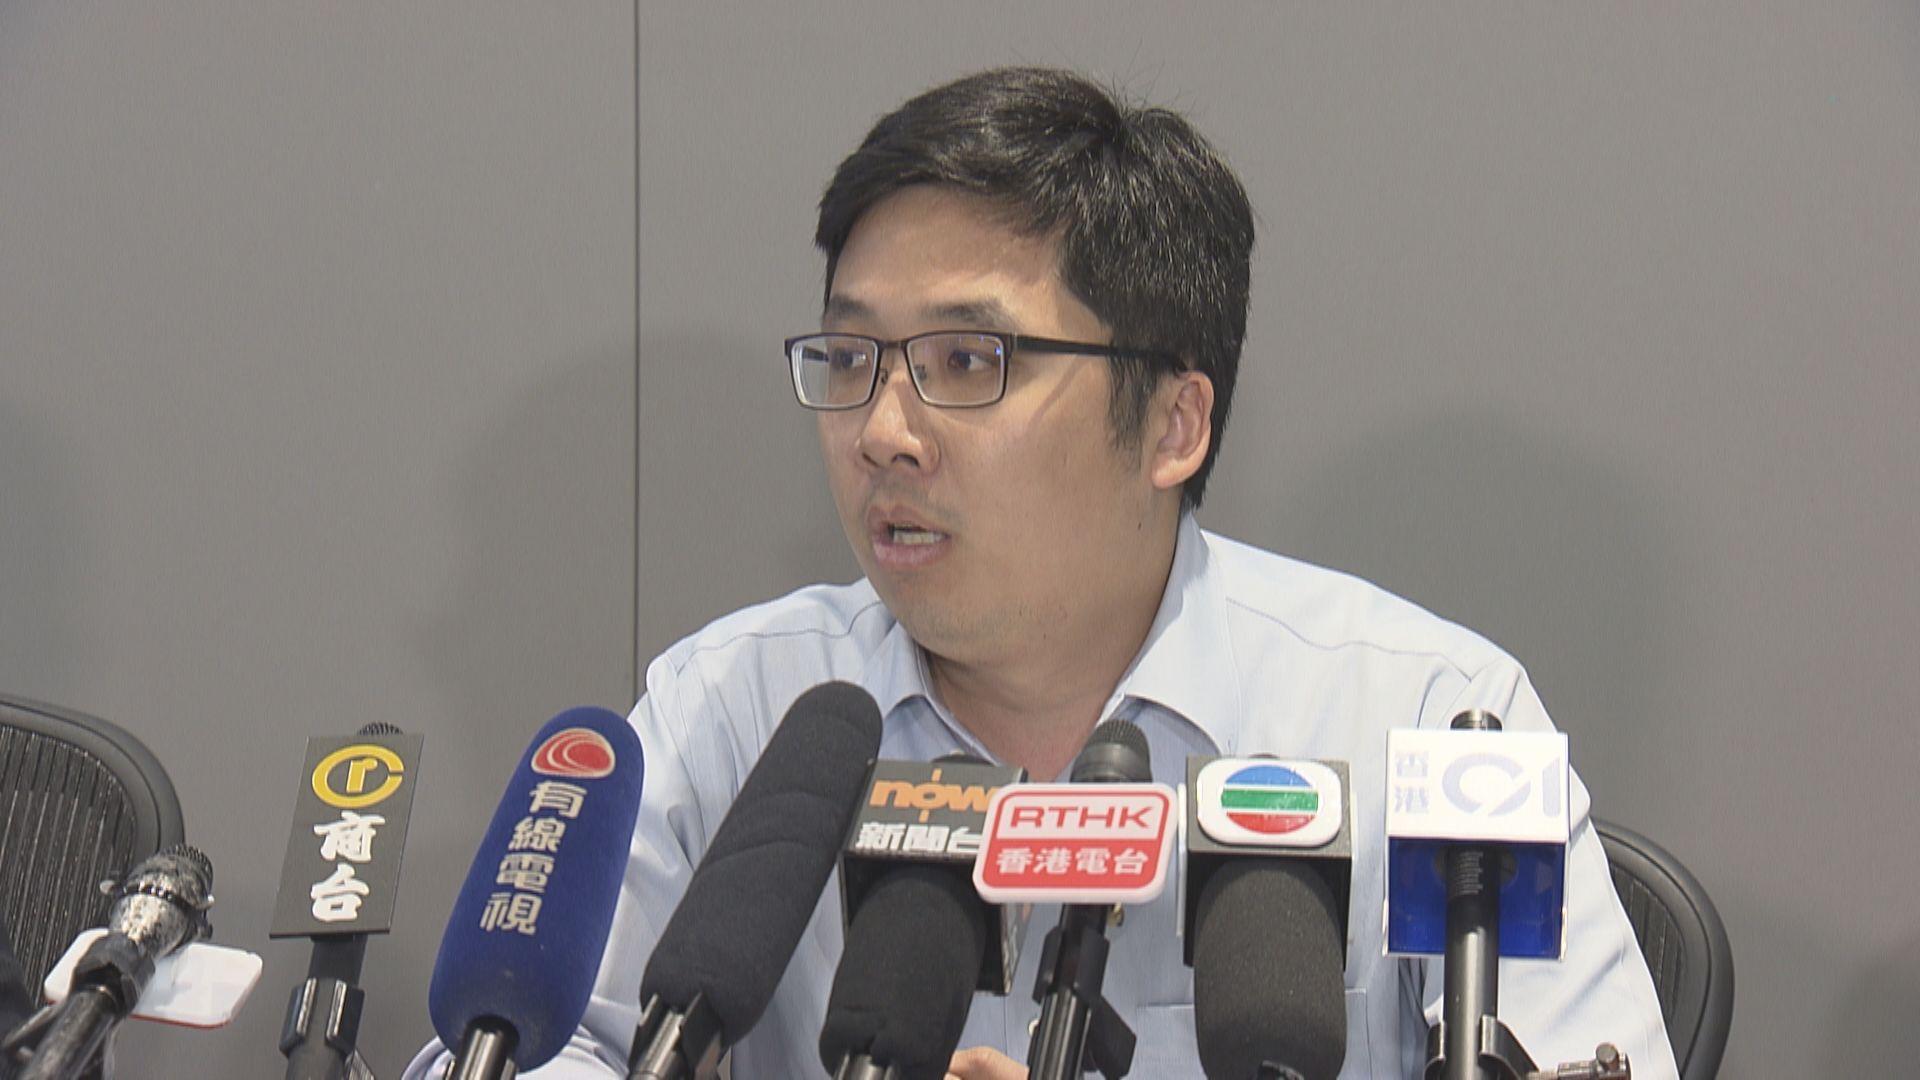 區議員:接獲通知荃威花園檢疫人士料最快下周可離開